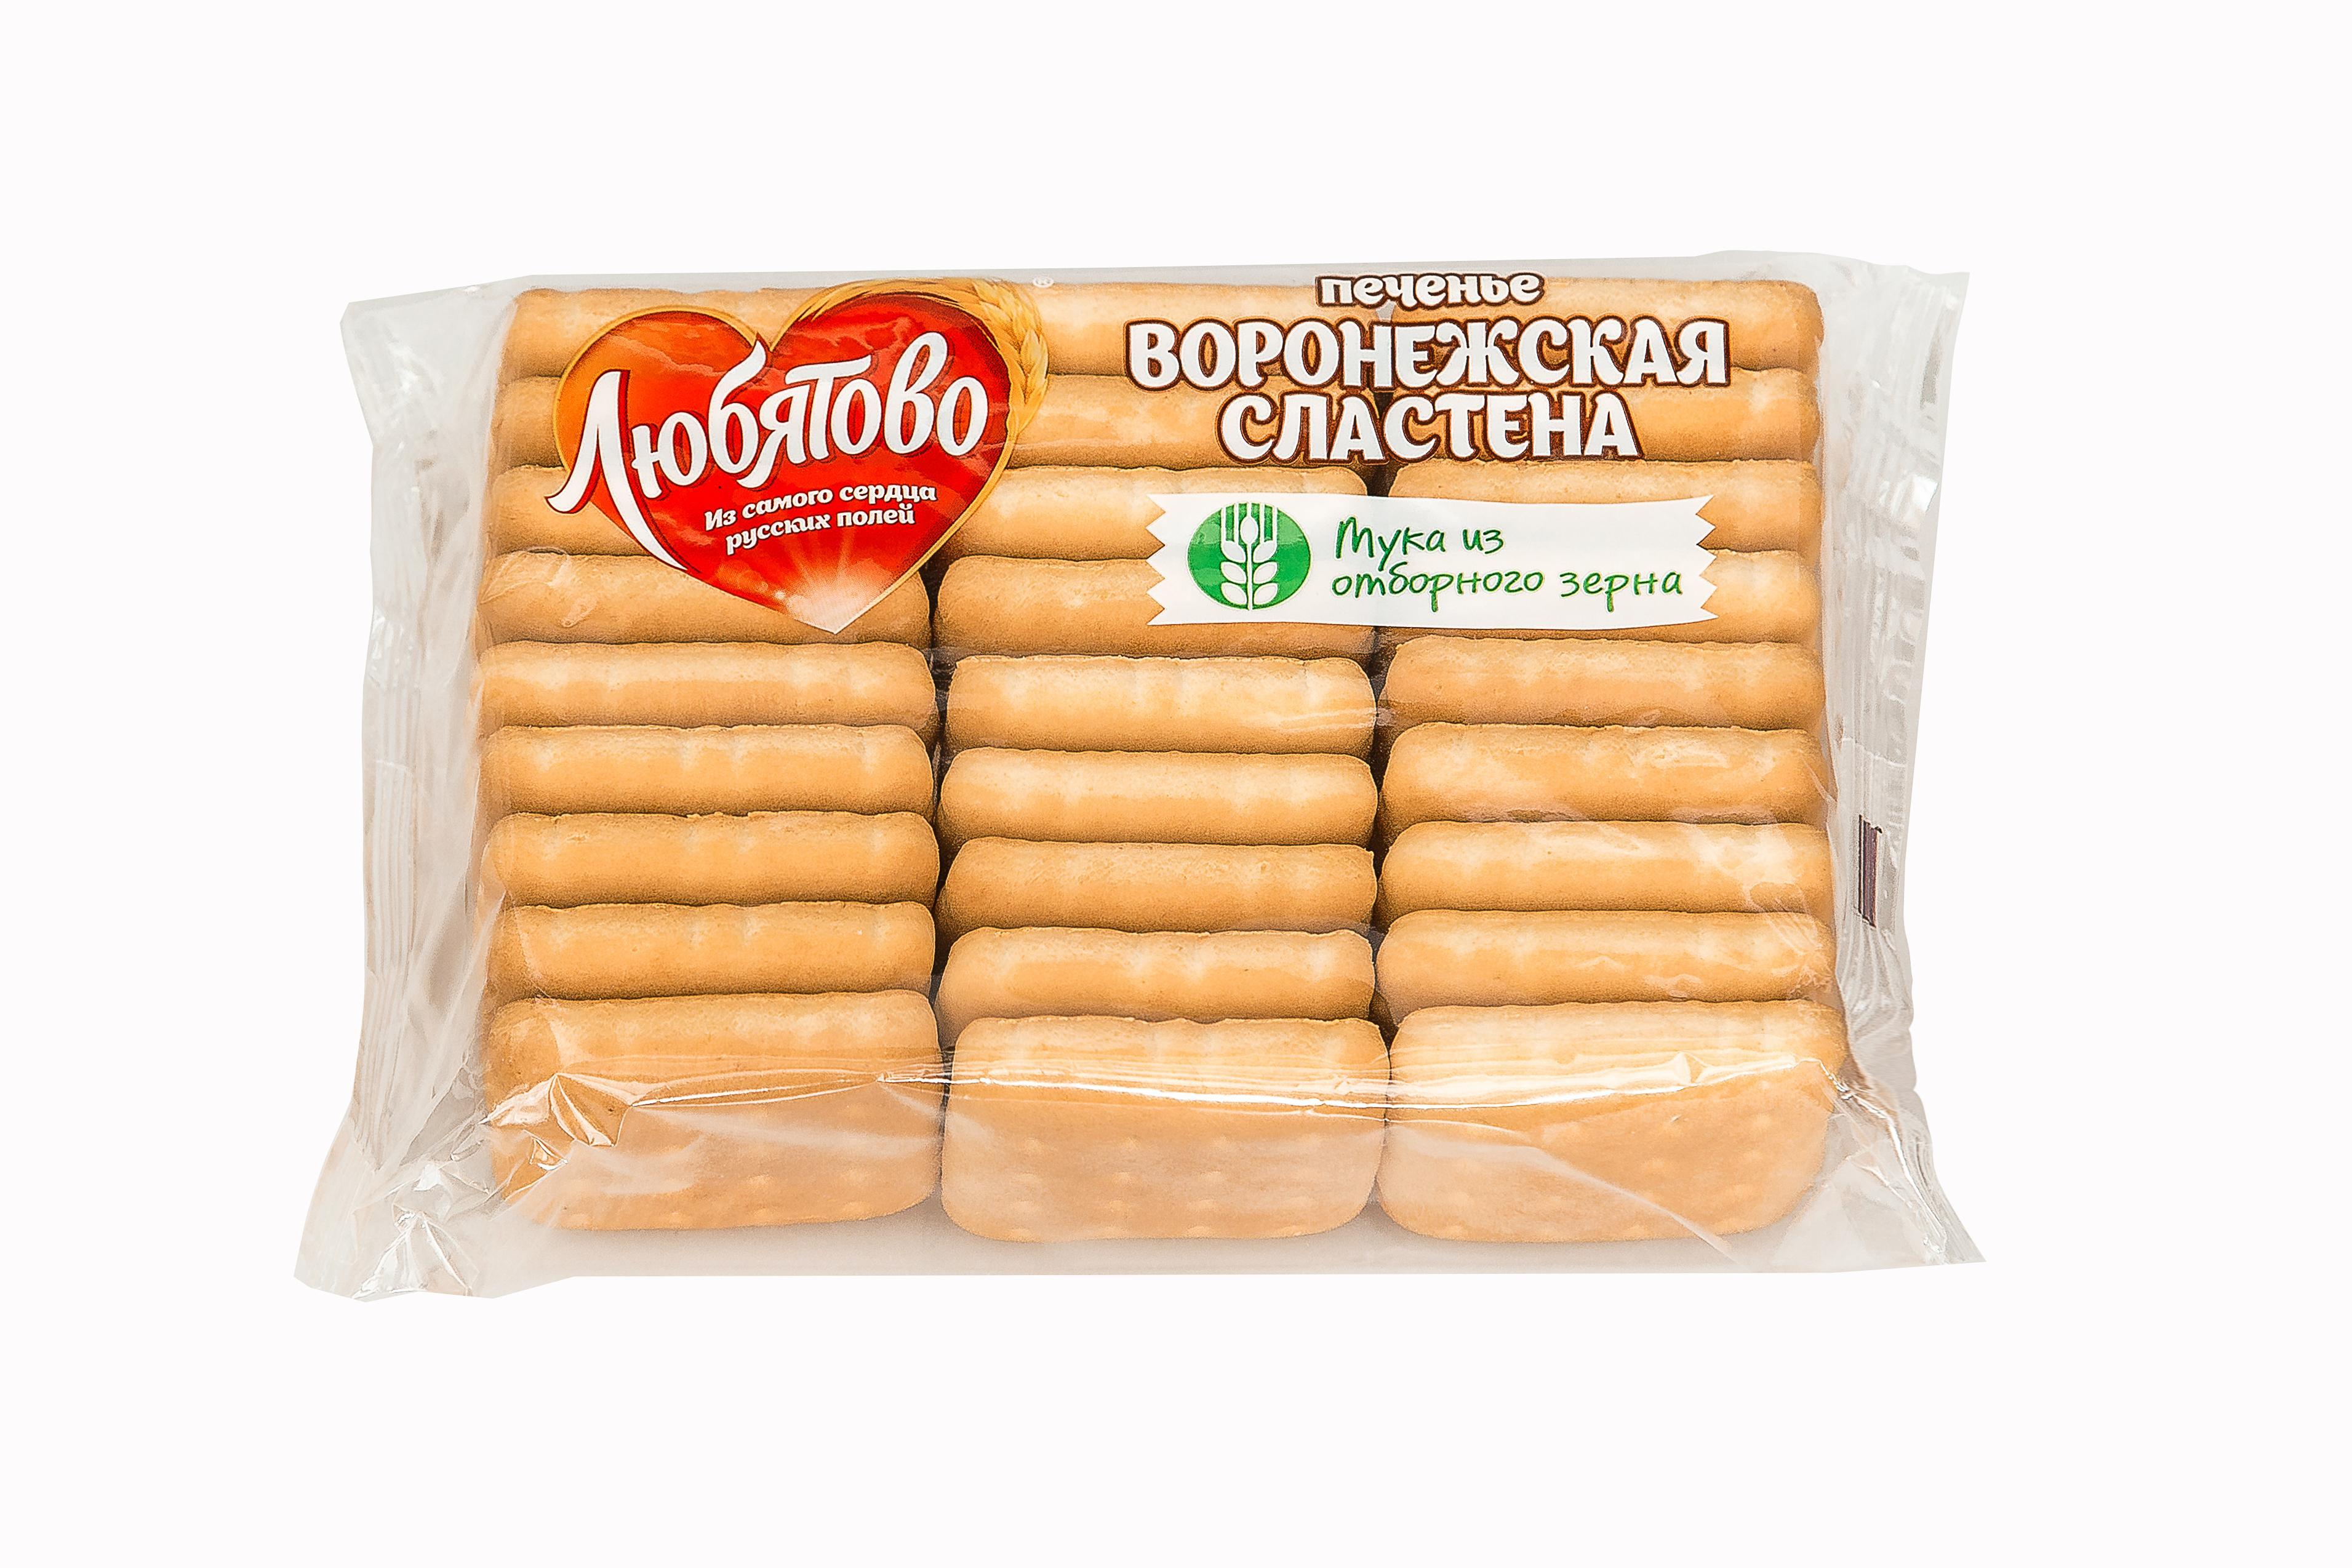 Печенье Любятово Воронежская Сластена